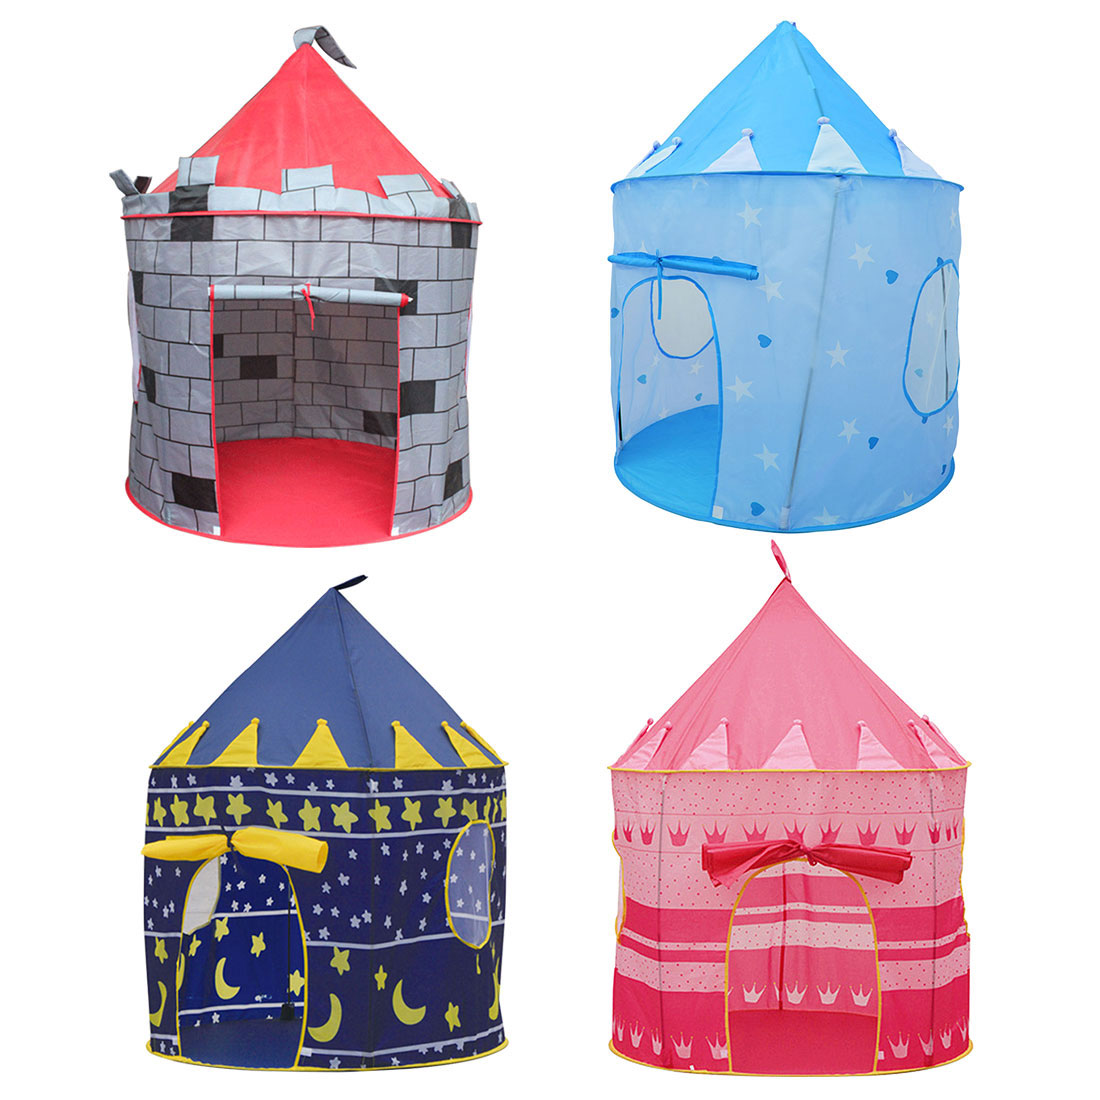 4 цвета игровая палатка Портативный Складная Типи принц складной палатка дети мальчик замок Кабби играть дома подарки для детей Открытый Иг...